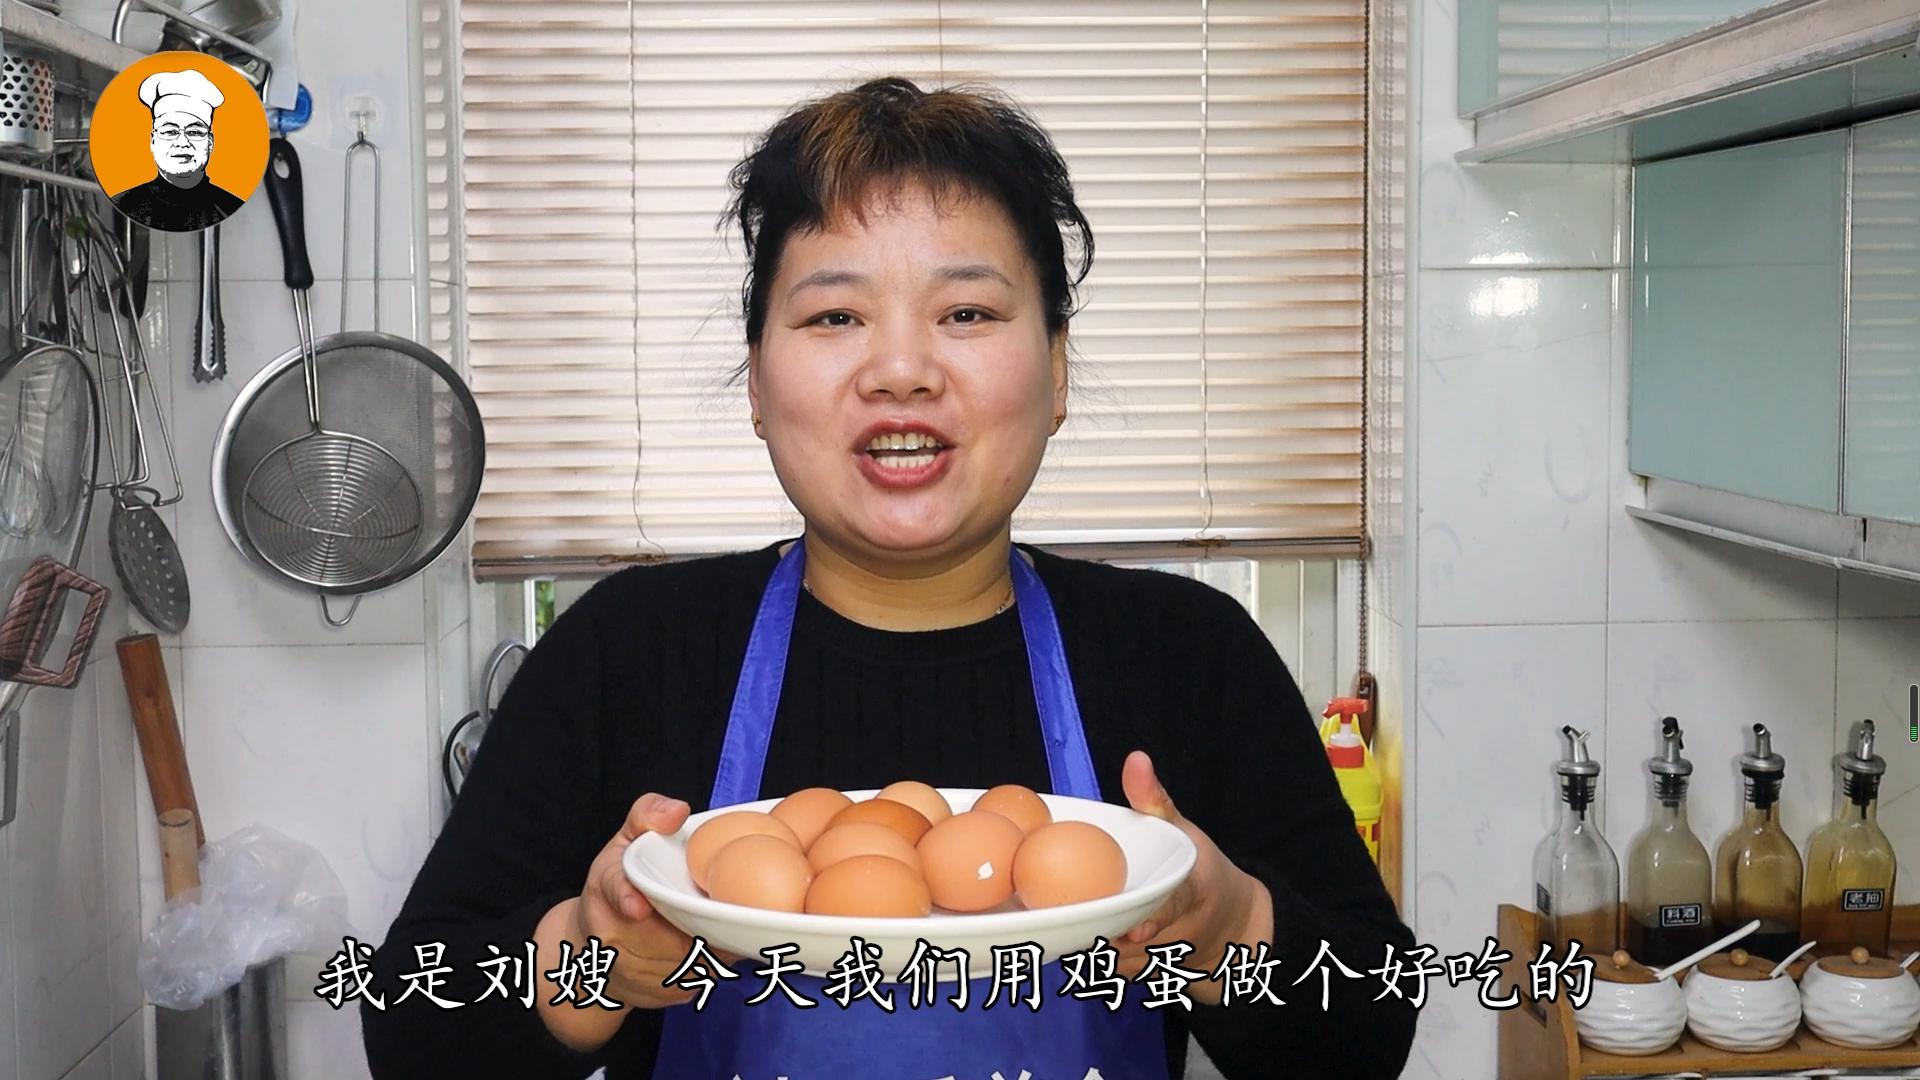 虎皮鸡蛋正确做法,一煮二炸三炖,鸡蛋香酥可口,饭店都很难吃到 美食做法 第1张